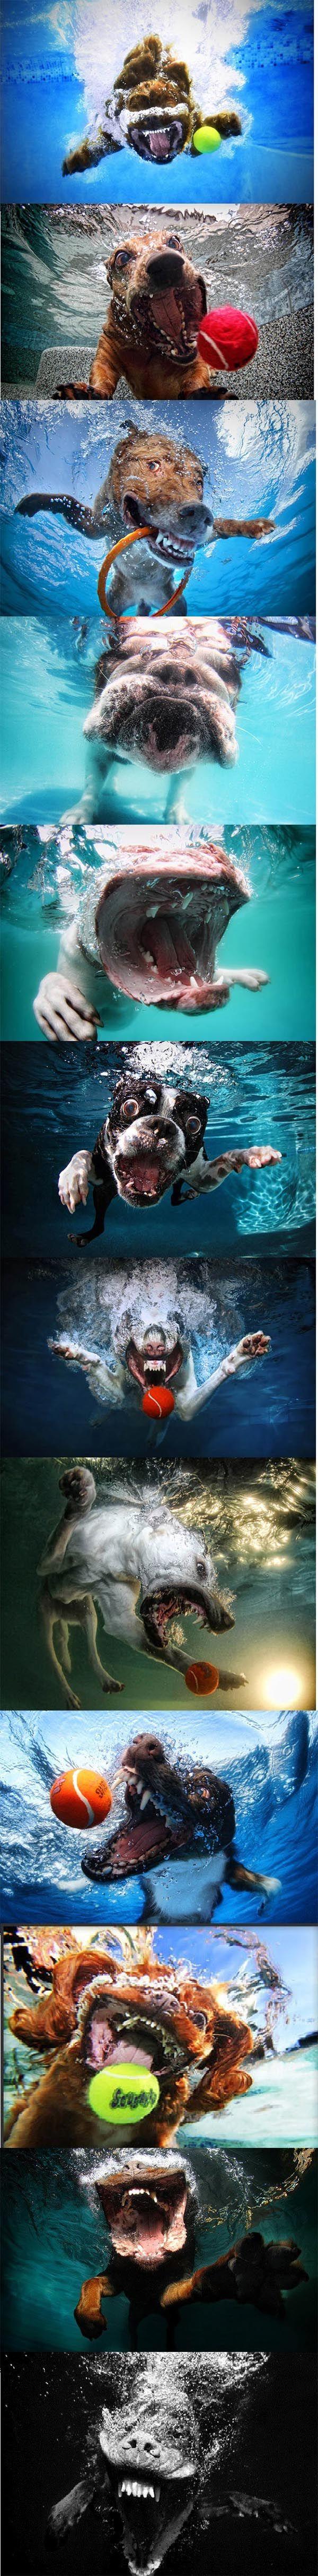 Des chiens sous l'eau